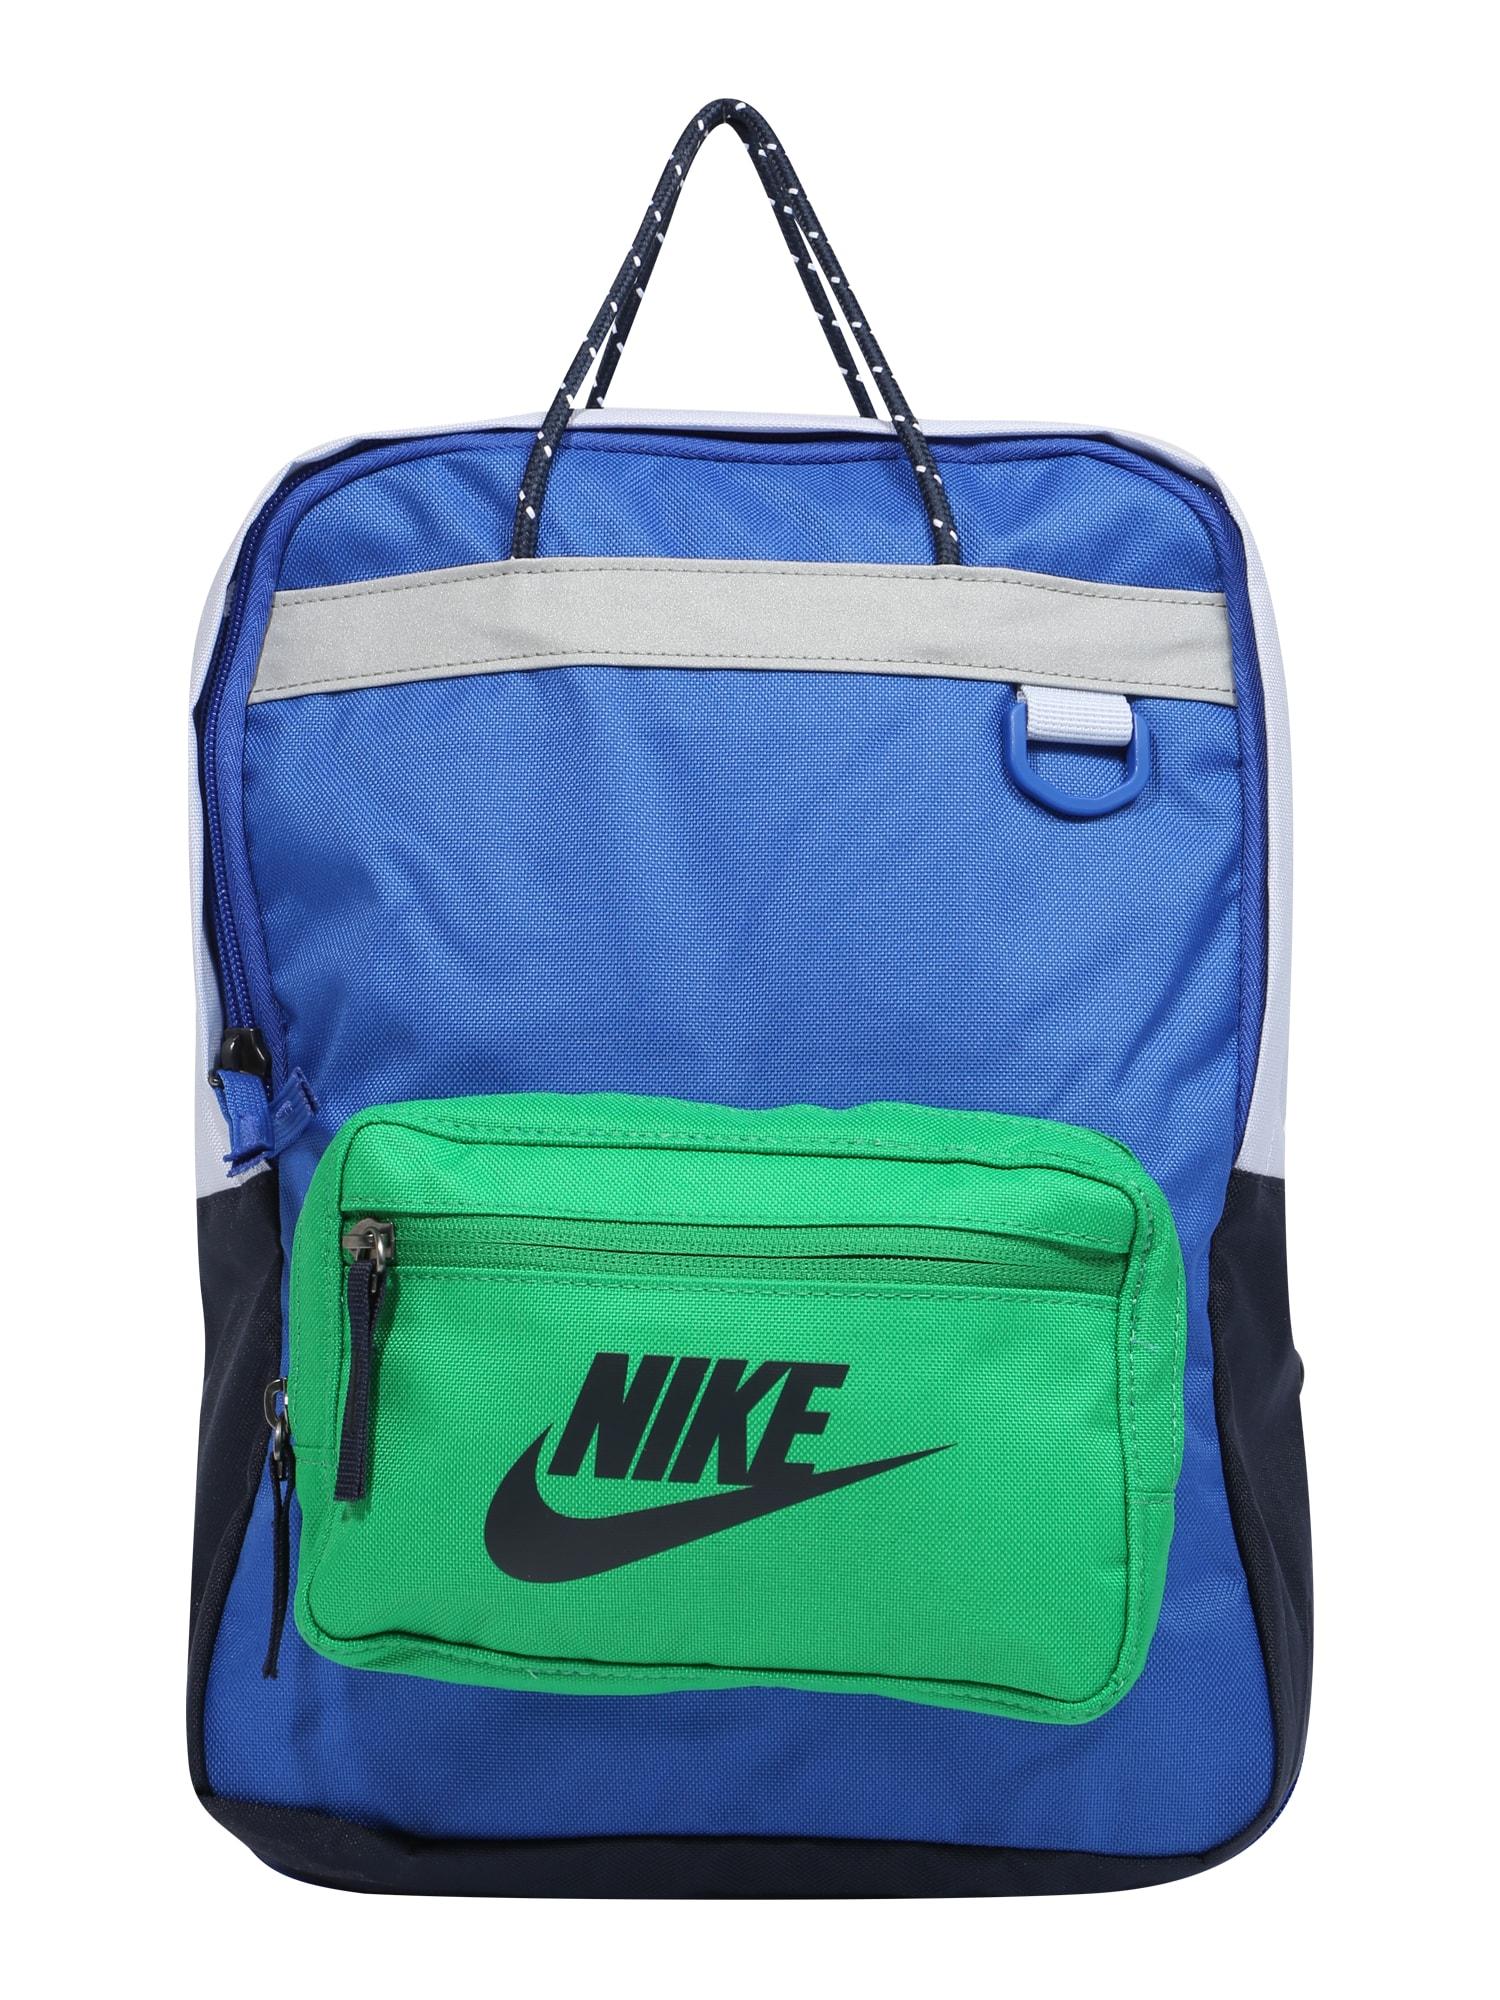 Nike Sportswear Batoh 'Tanjun'  zelená / královská modrá / černá / bílá